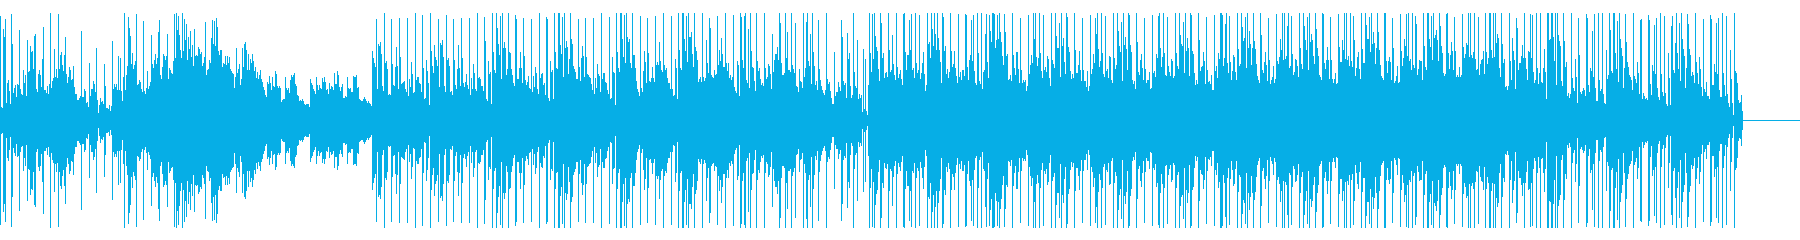 アコースティックギターをフィーチャBGMの再生済みの波形